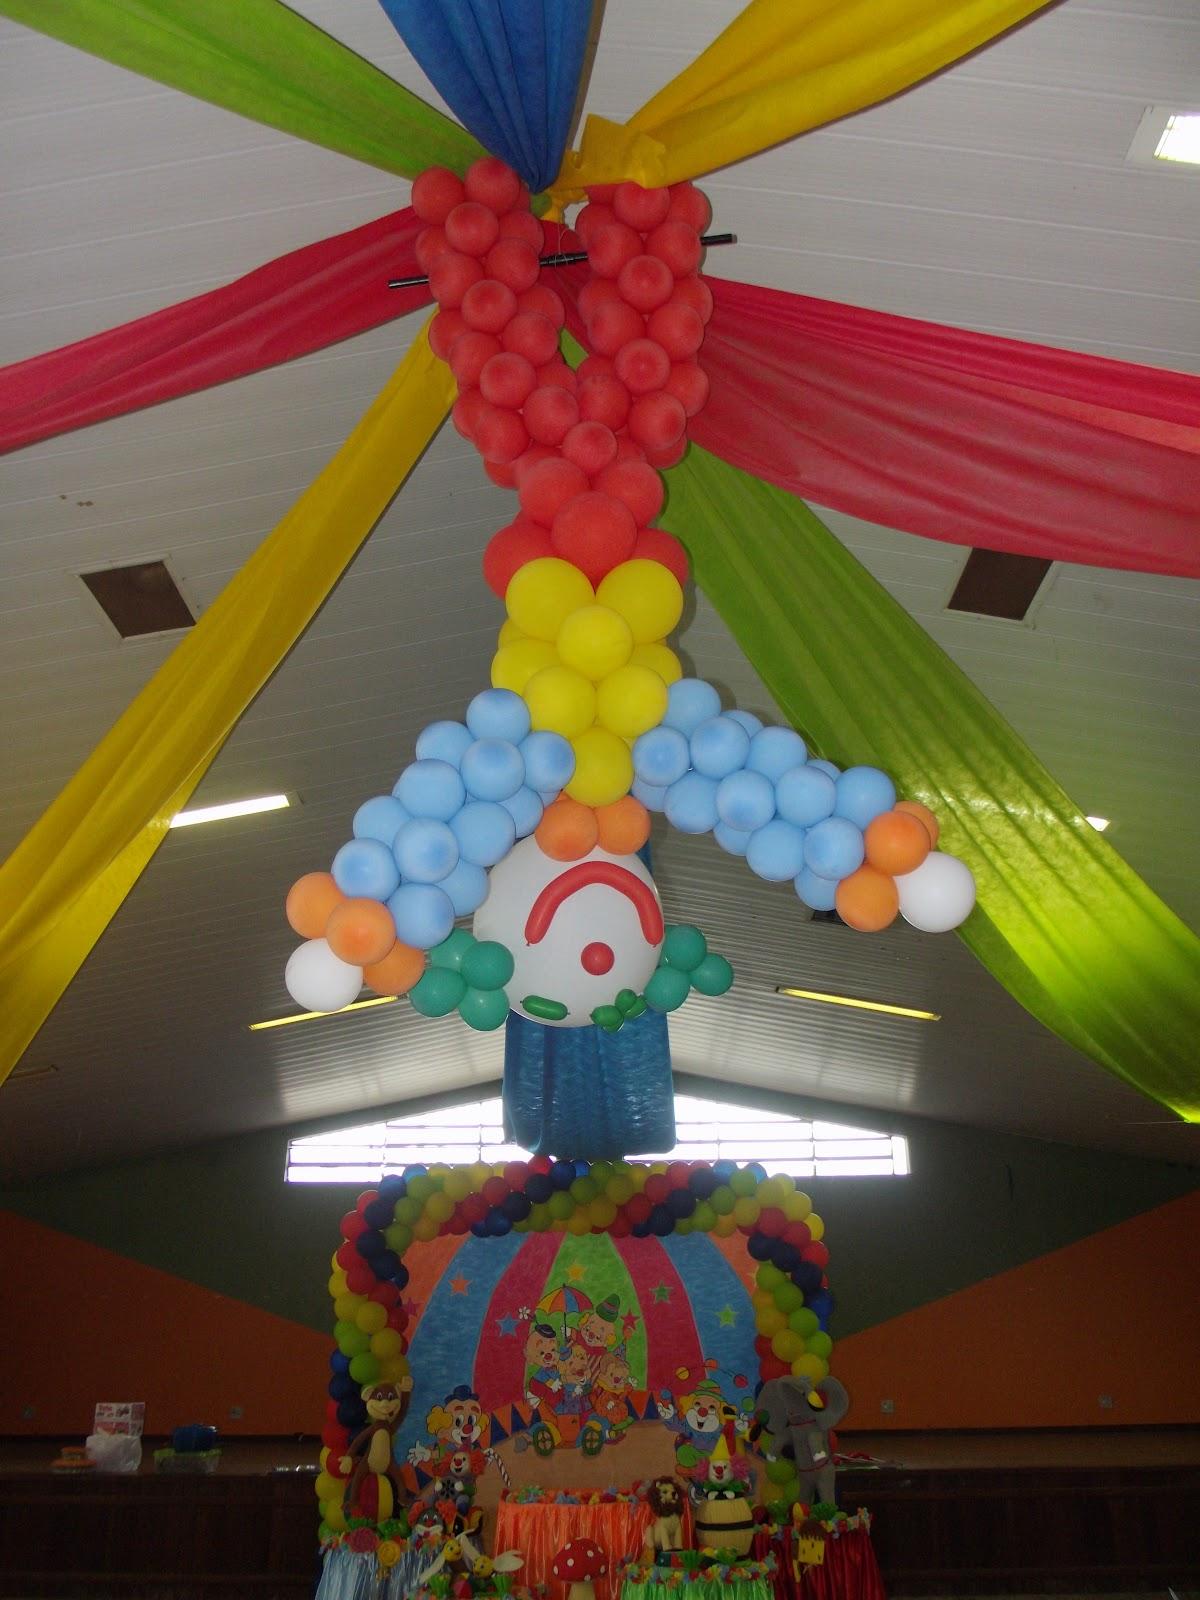 T&A Festas e Decorações DECORA u00c7ÃO DE ANIVERSÁRIO DO CIRCO